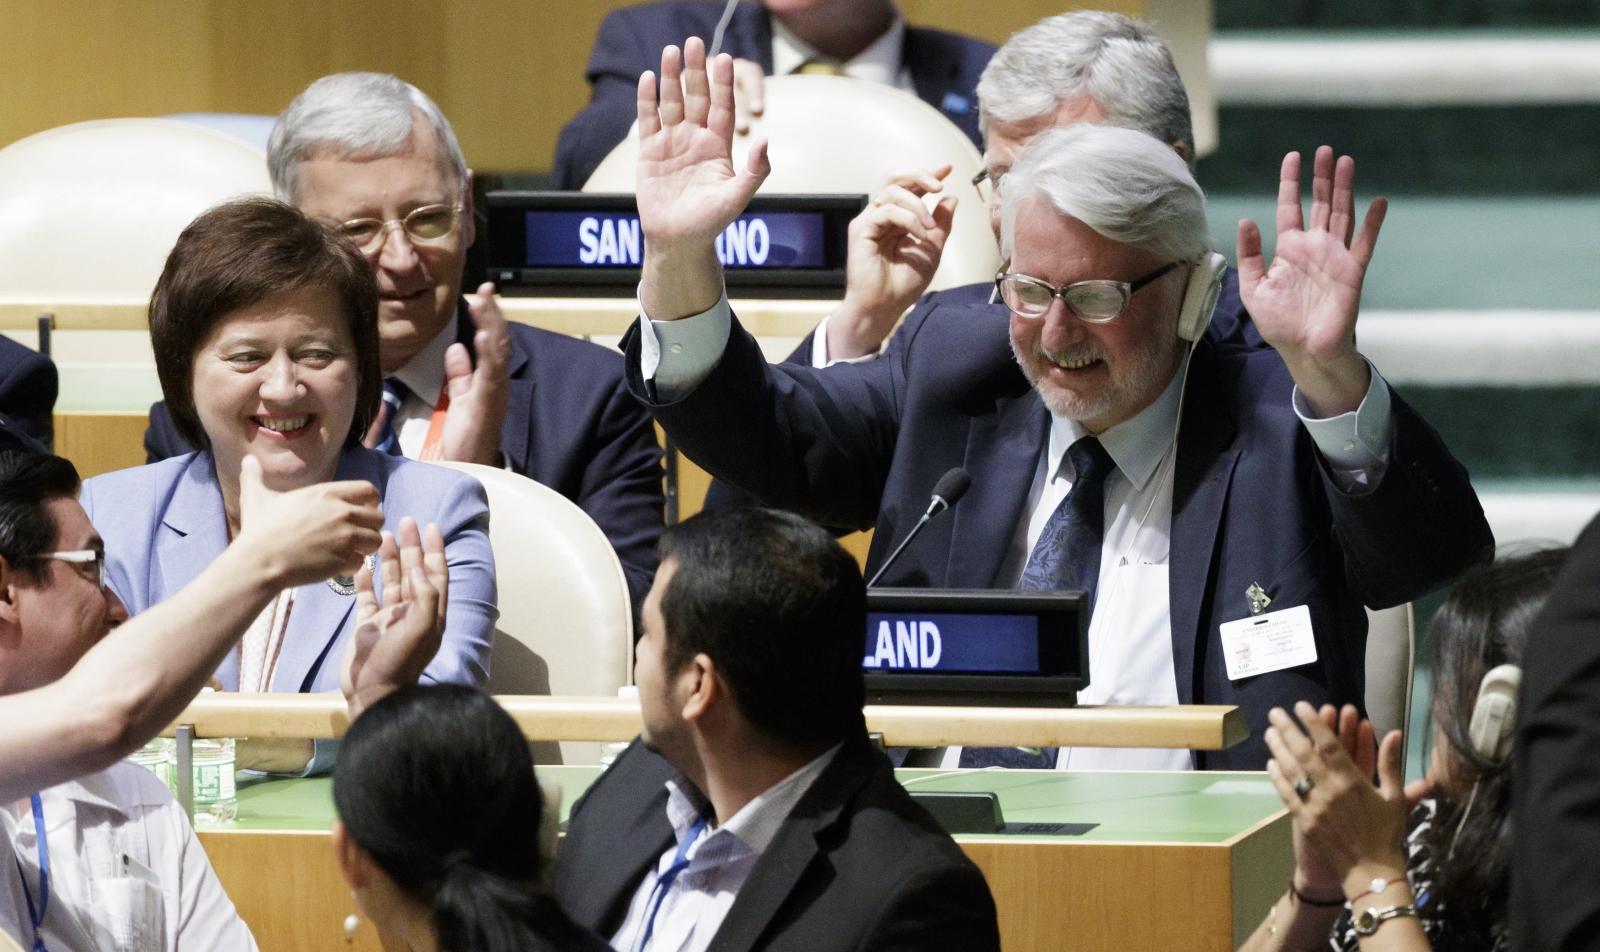 ONZ: Polska członkiem niestałym Rady Bezpieczeństwa ONZ. fot. EPA/JUSTIN LANE